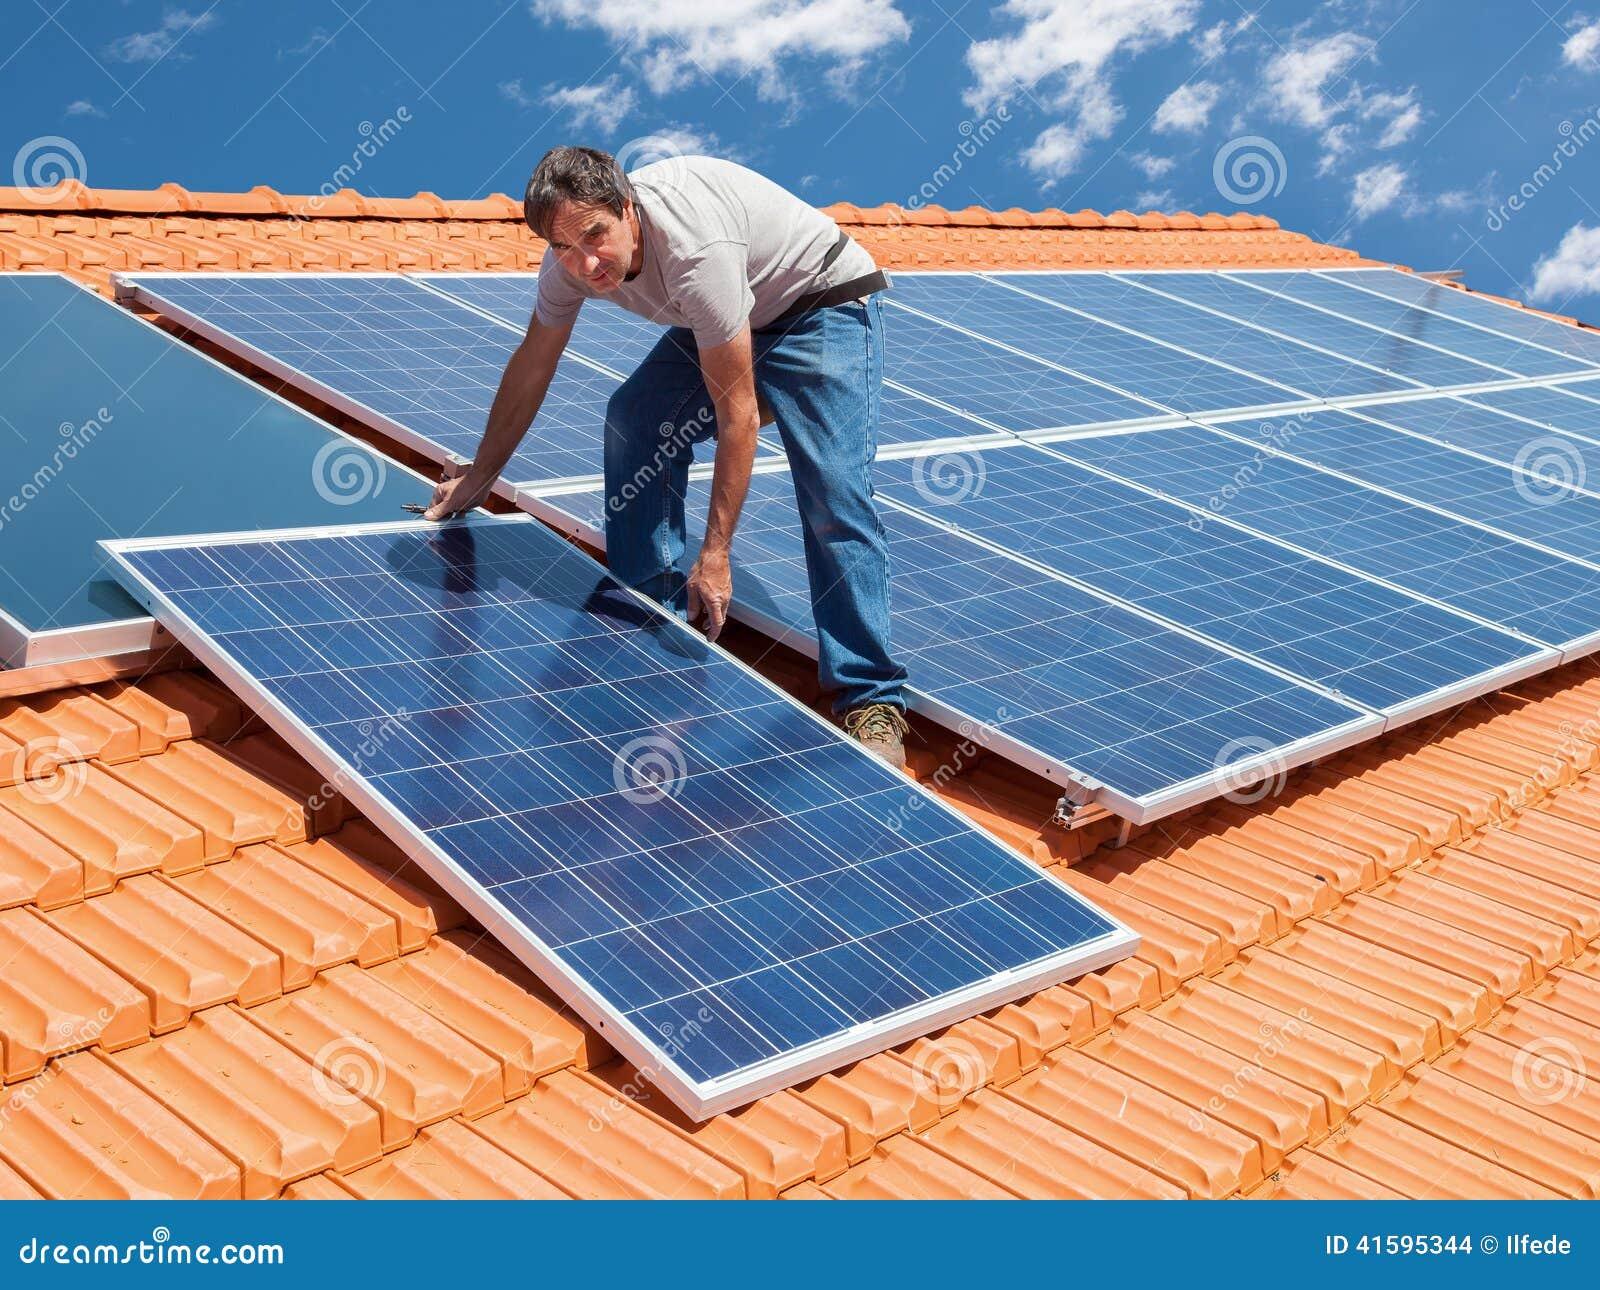 Het installeren van alternatieve energie photovoltaic zonnepanelen